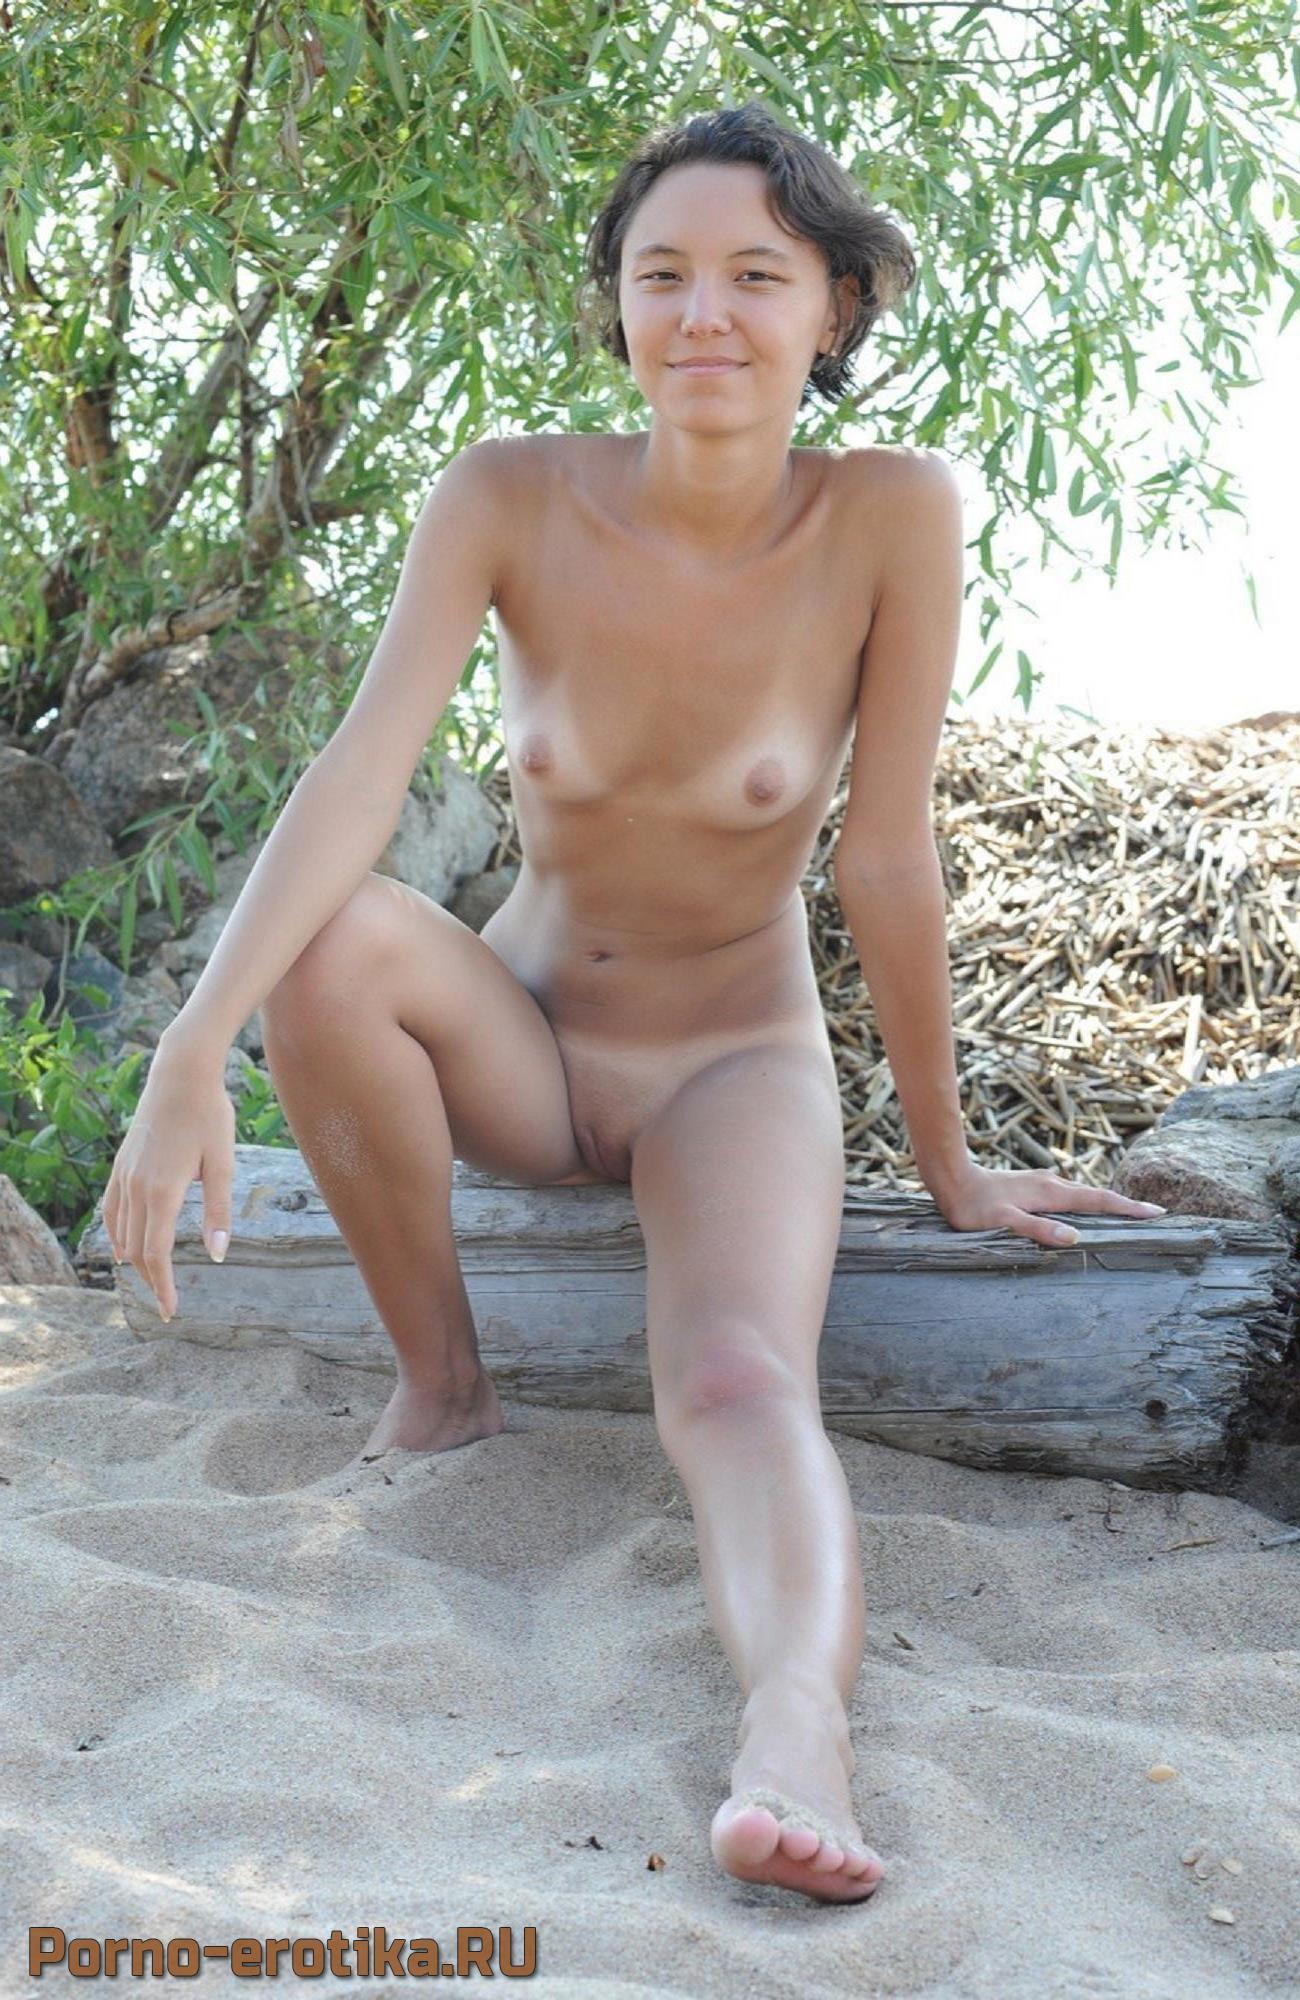 Нудистки - ФОТО | голые нудистки на пляже, русские девушки ...